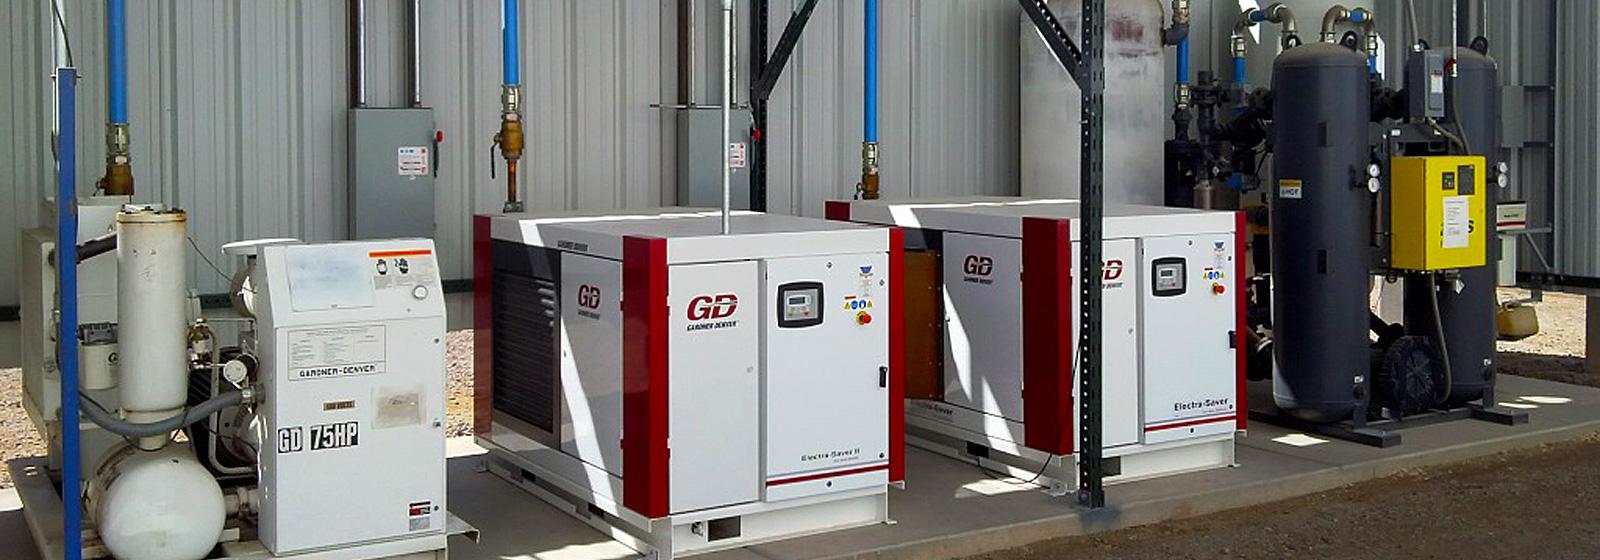 Air Compressors & Process Equipment - Phoenix, AZ | Arizona Pneumatic